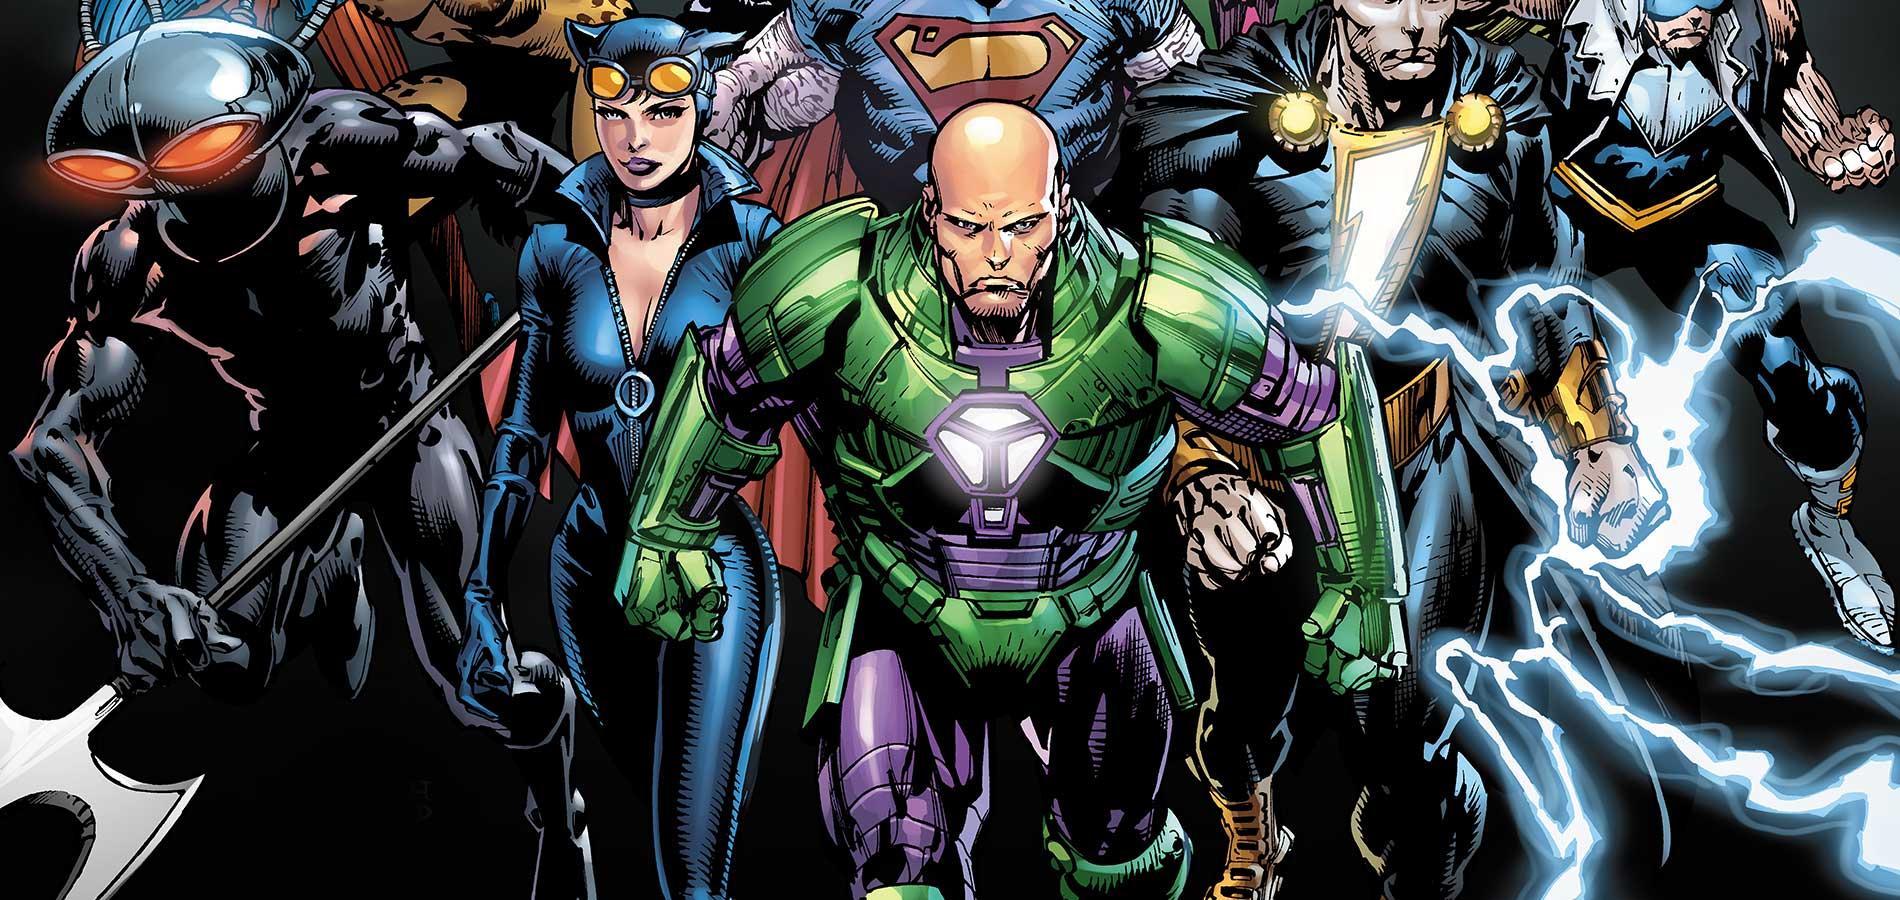 DC All Access miało być przepustką do świata Batmana, Supermana i innych. Niestety, coś nie wyszło